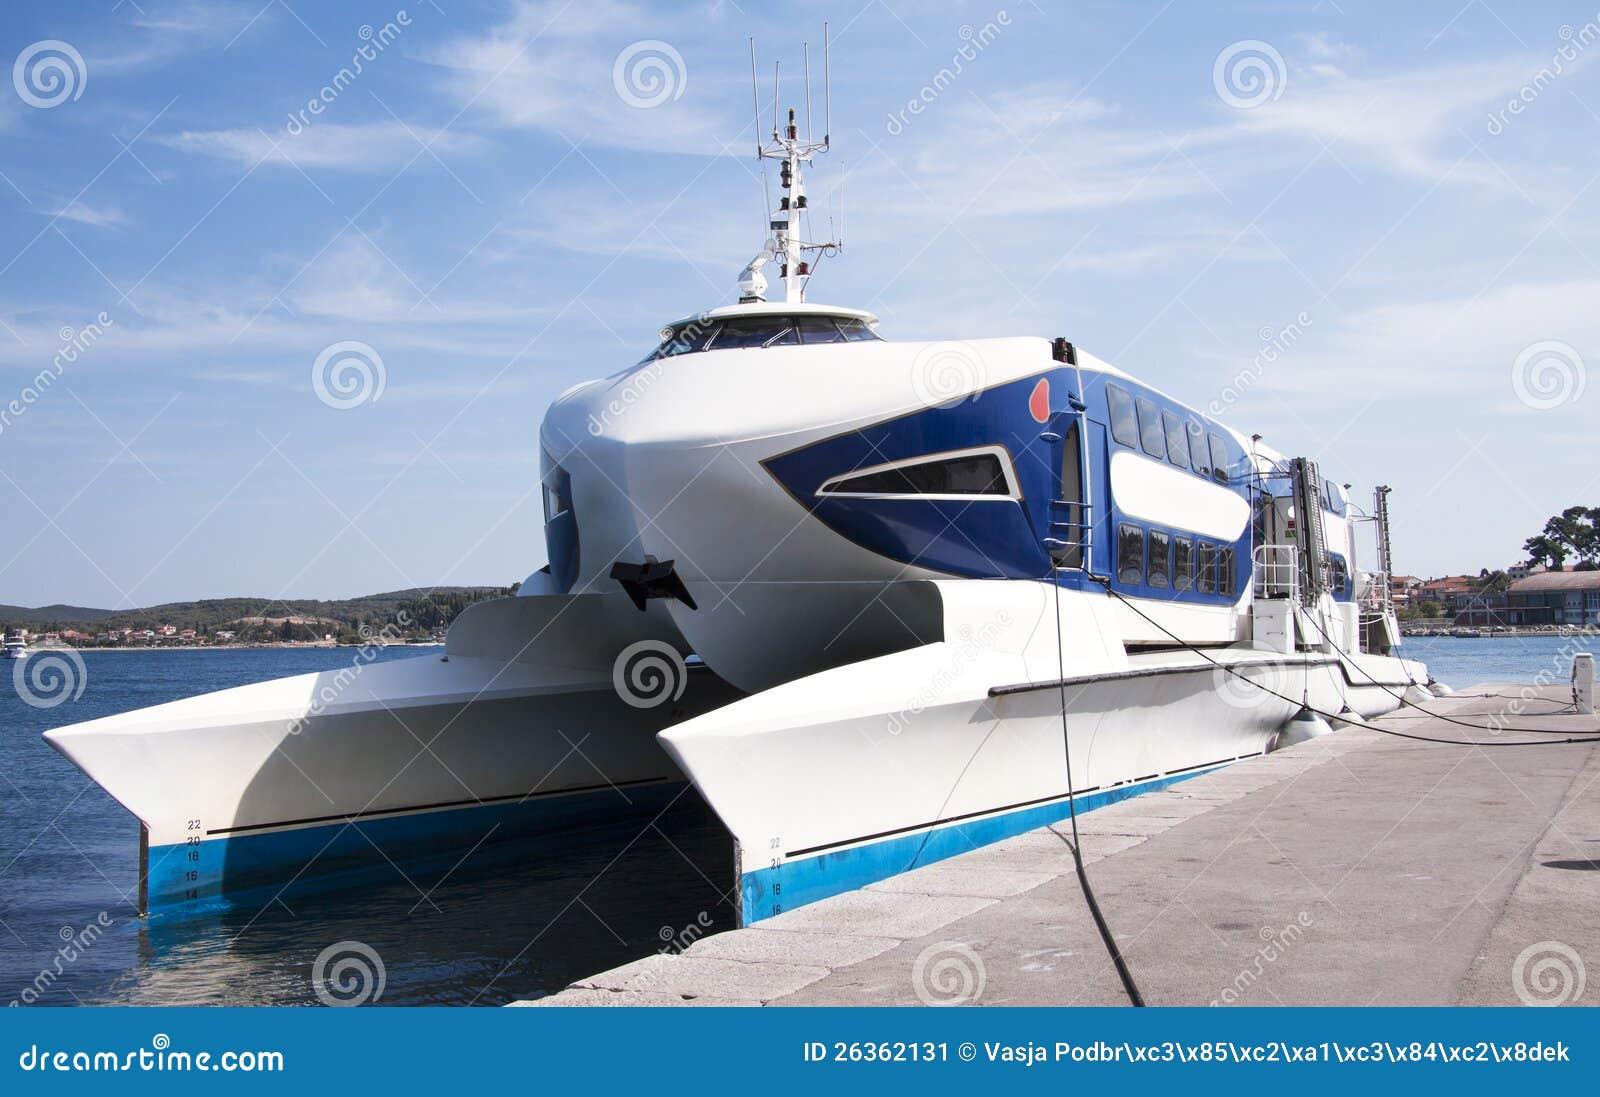 Fast Catamaran Boat Stock Image - Image: 26362131